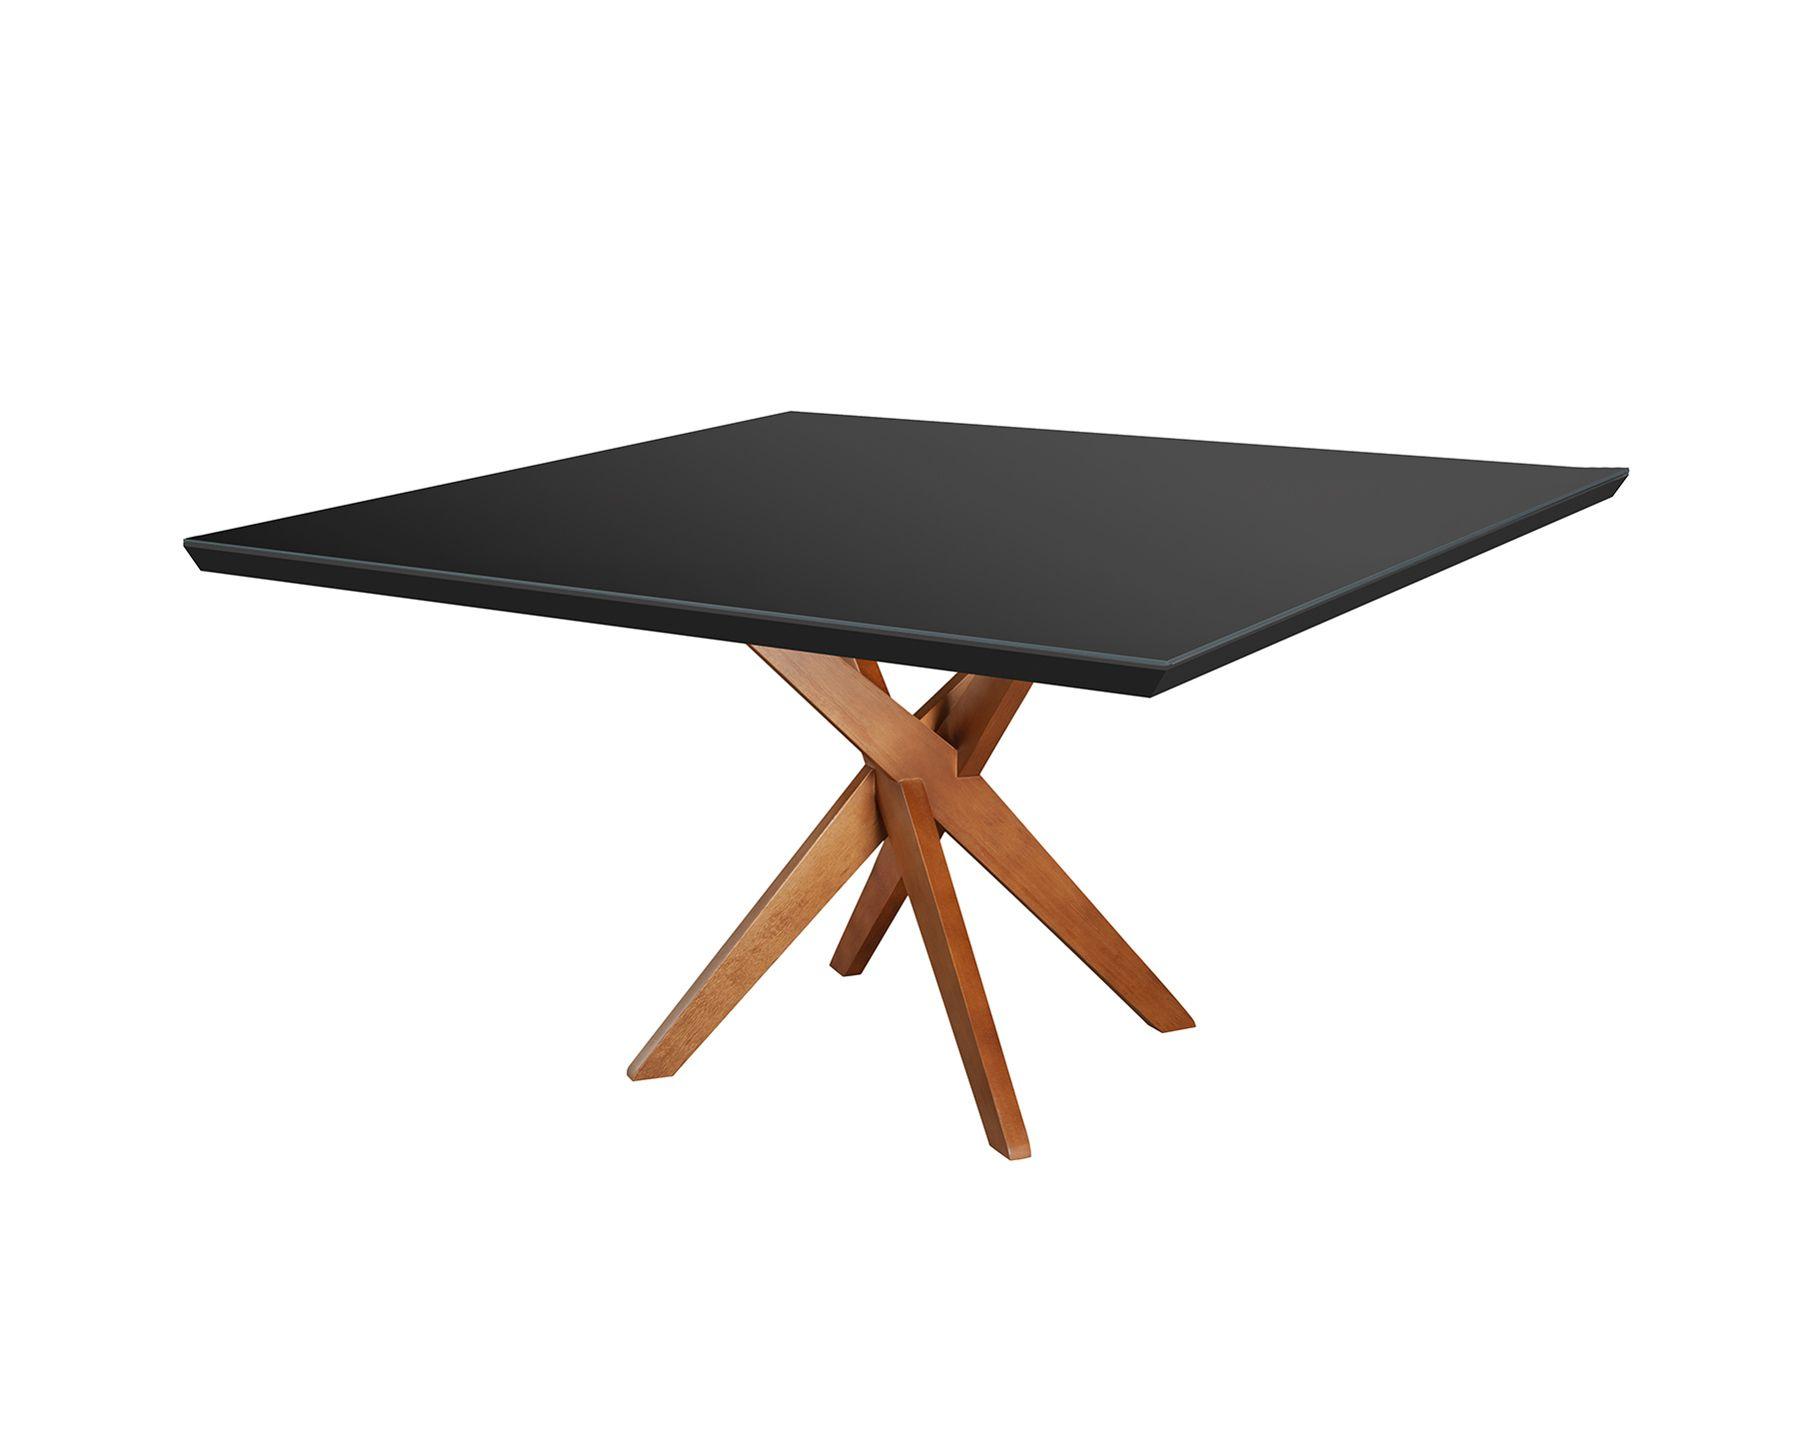 Mesa de Jantar Quadrada X - Tamanho (135 x 135cm ) - Woods